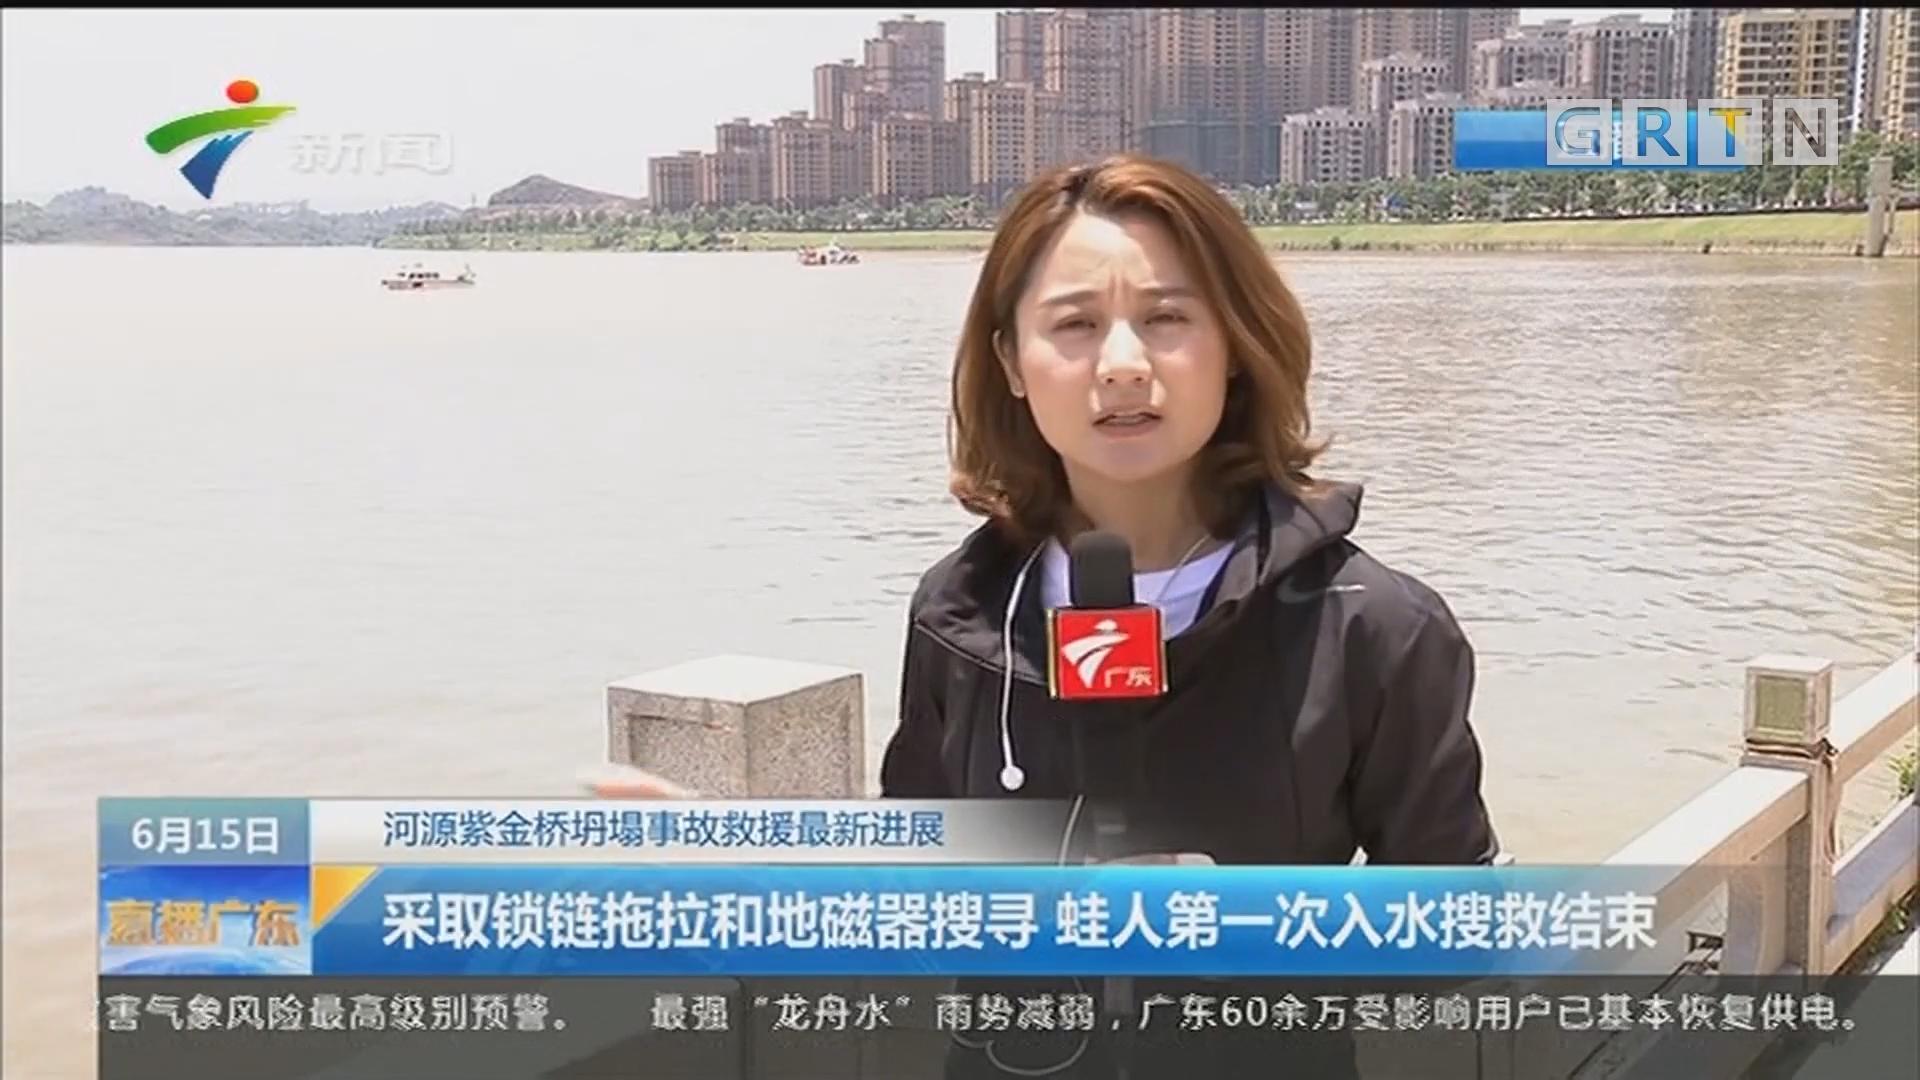 河源紫金桥坍塌事故救援最新进展:采取锁链拖拉和地磁器搜寻 蛙人第一次入水搜救结束